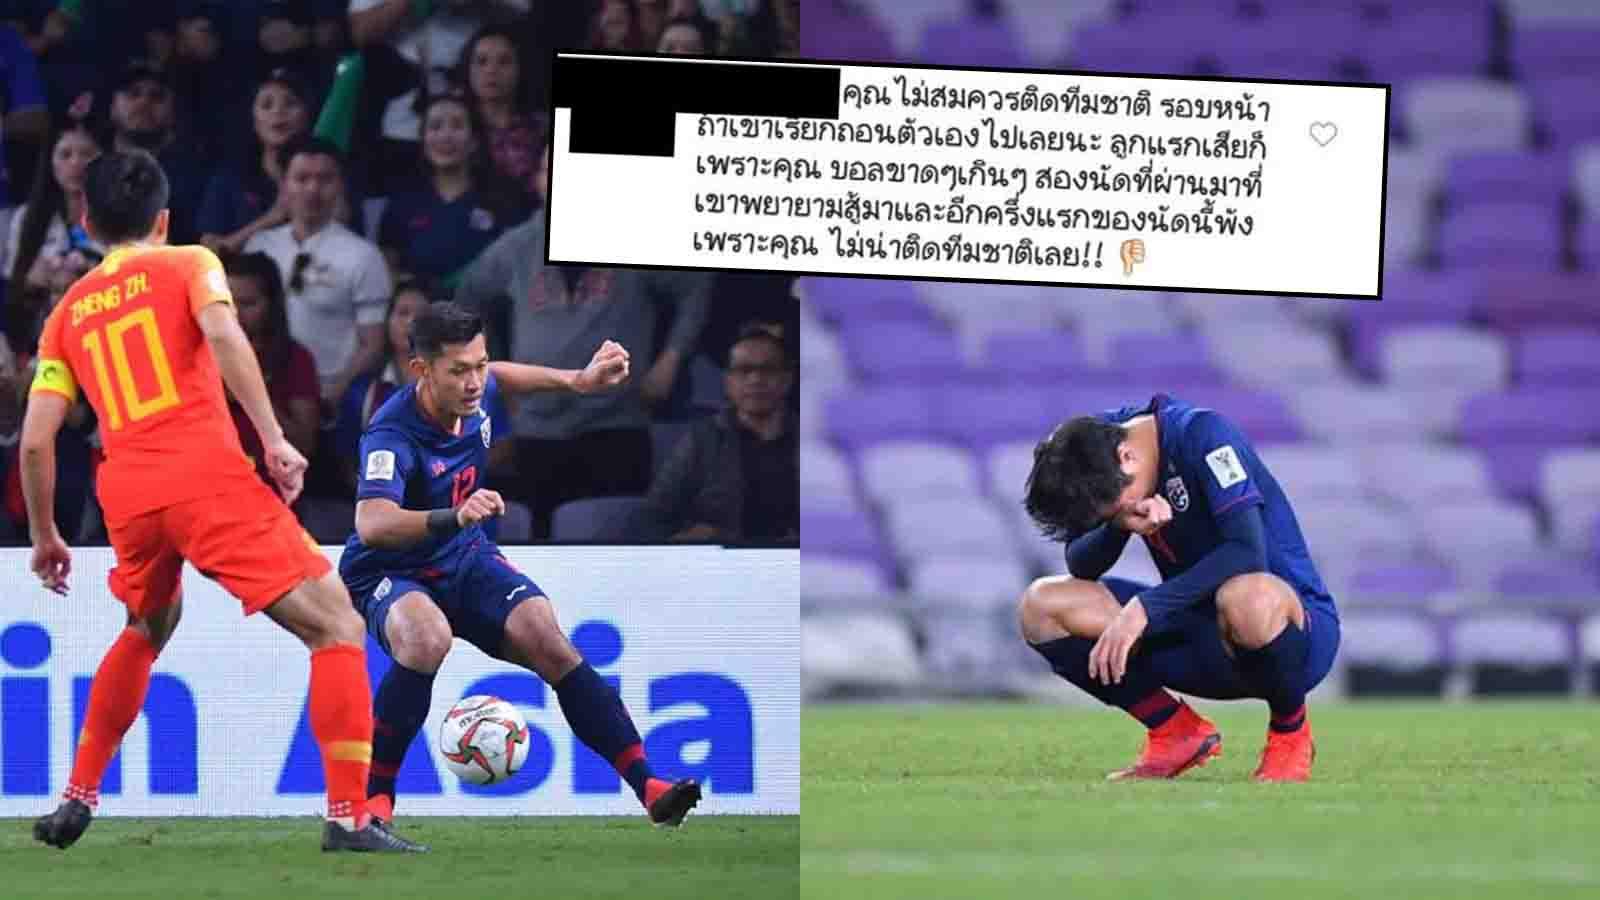 ชนานันท์ ป้อมบุปผา ทีมชาติไทย เฉลิมพงษ์ เกิดแก้ว เอเชียนคัพ 2019